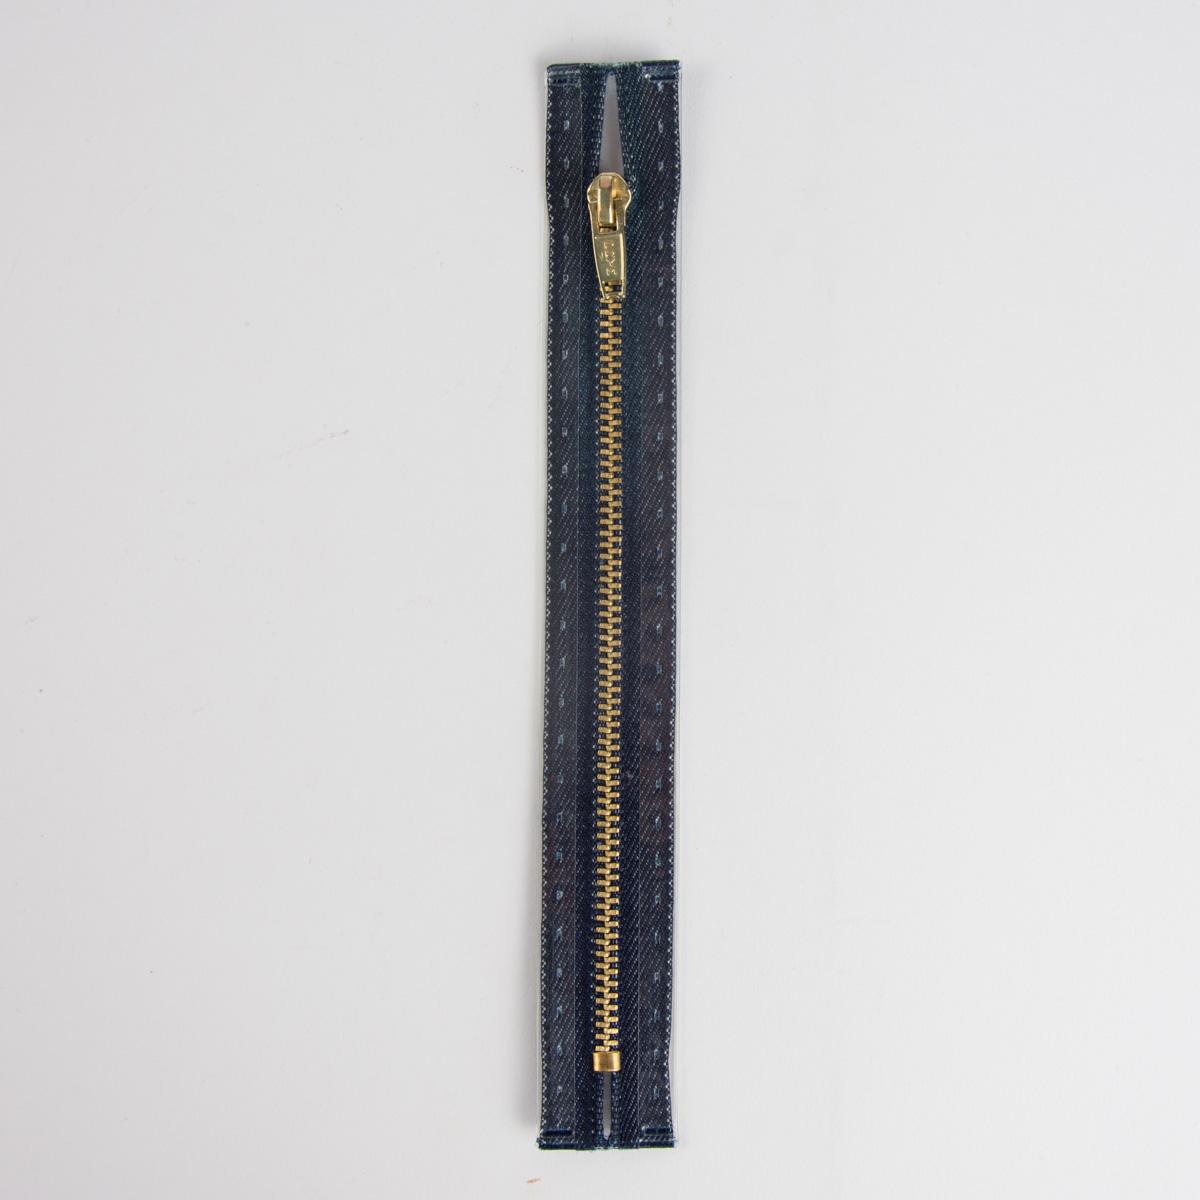 Reißverschluss M8 Typ 5 SSP 6cm go-fb Fla d-jeans